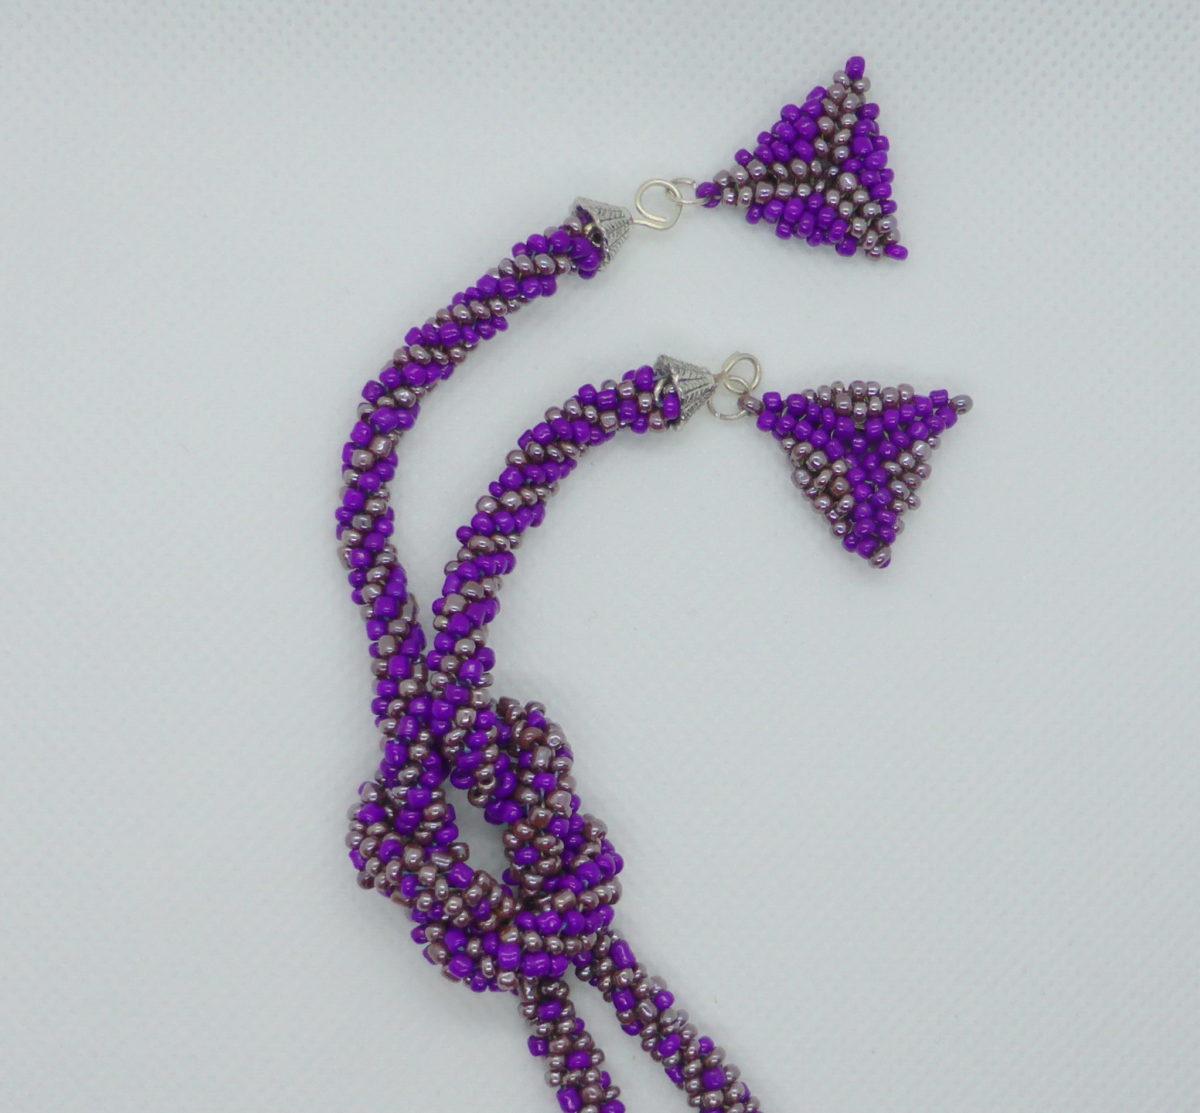 Ljubičasta ogrlica donji deo povezan